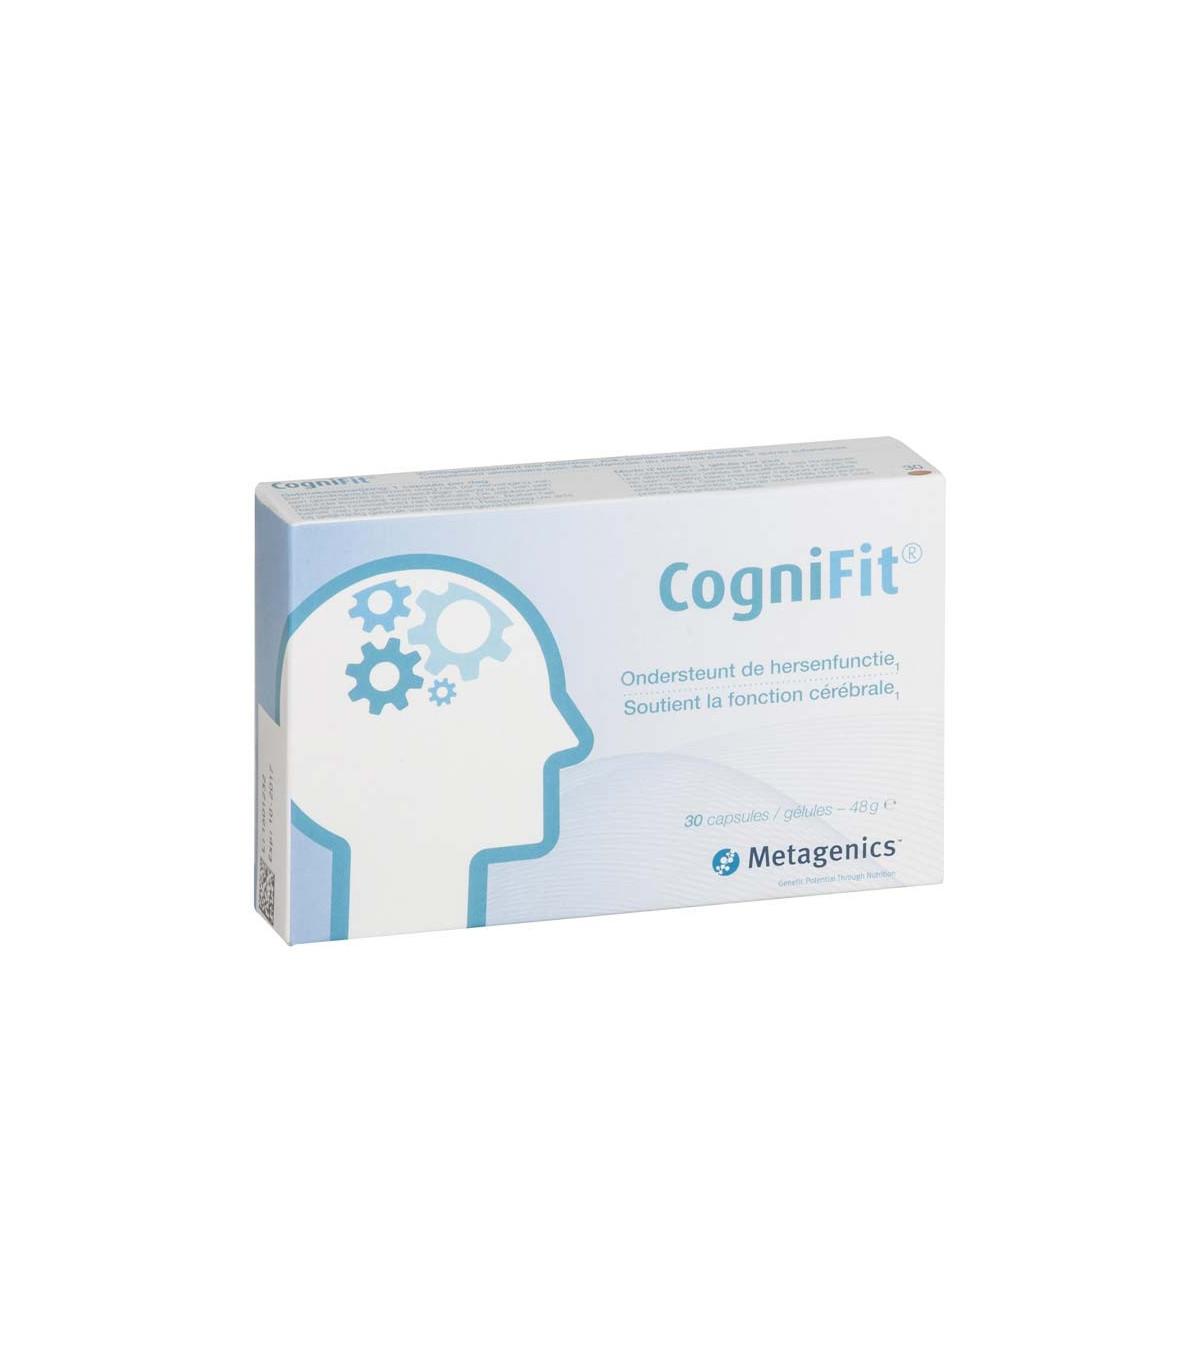 COGNIFIT 30CPS - Parafarmacia la Fattoria della Salute S.n.c. di Delfini Dott.ssa Giulia e Marra Dott.ssa Michela